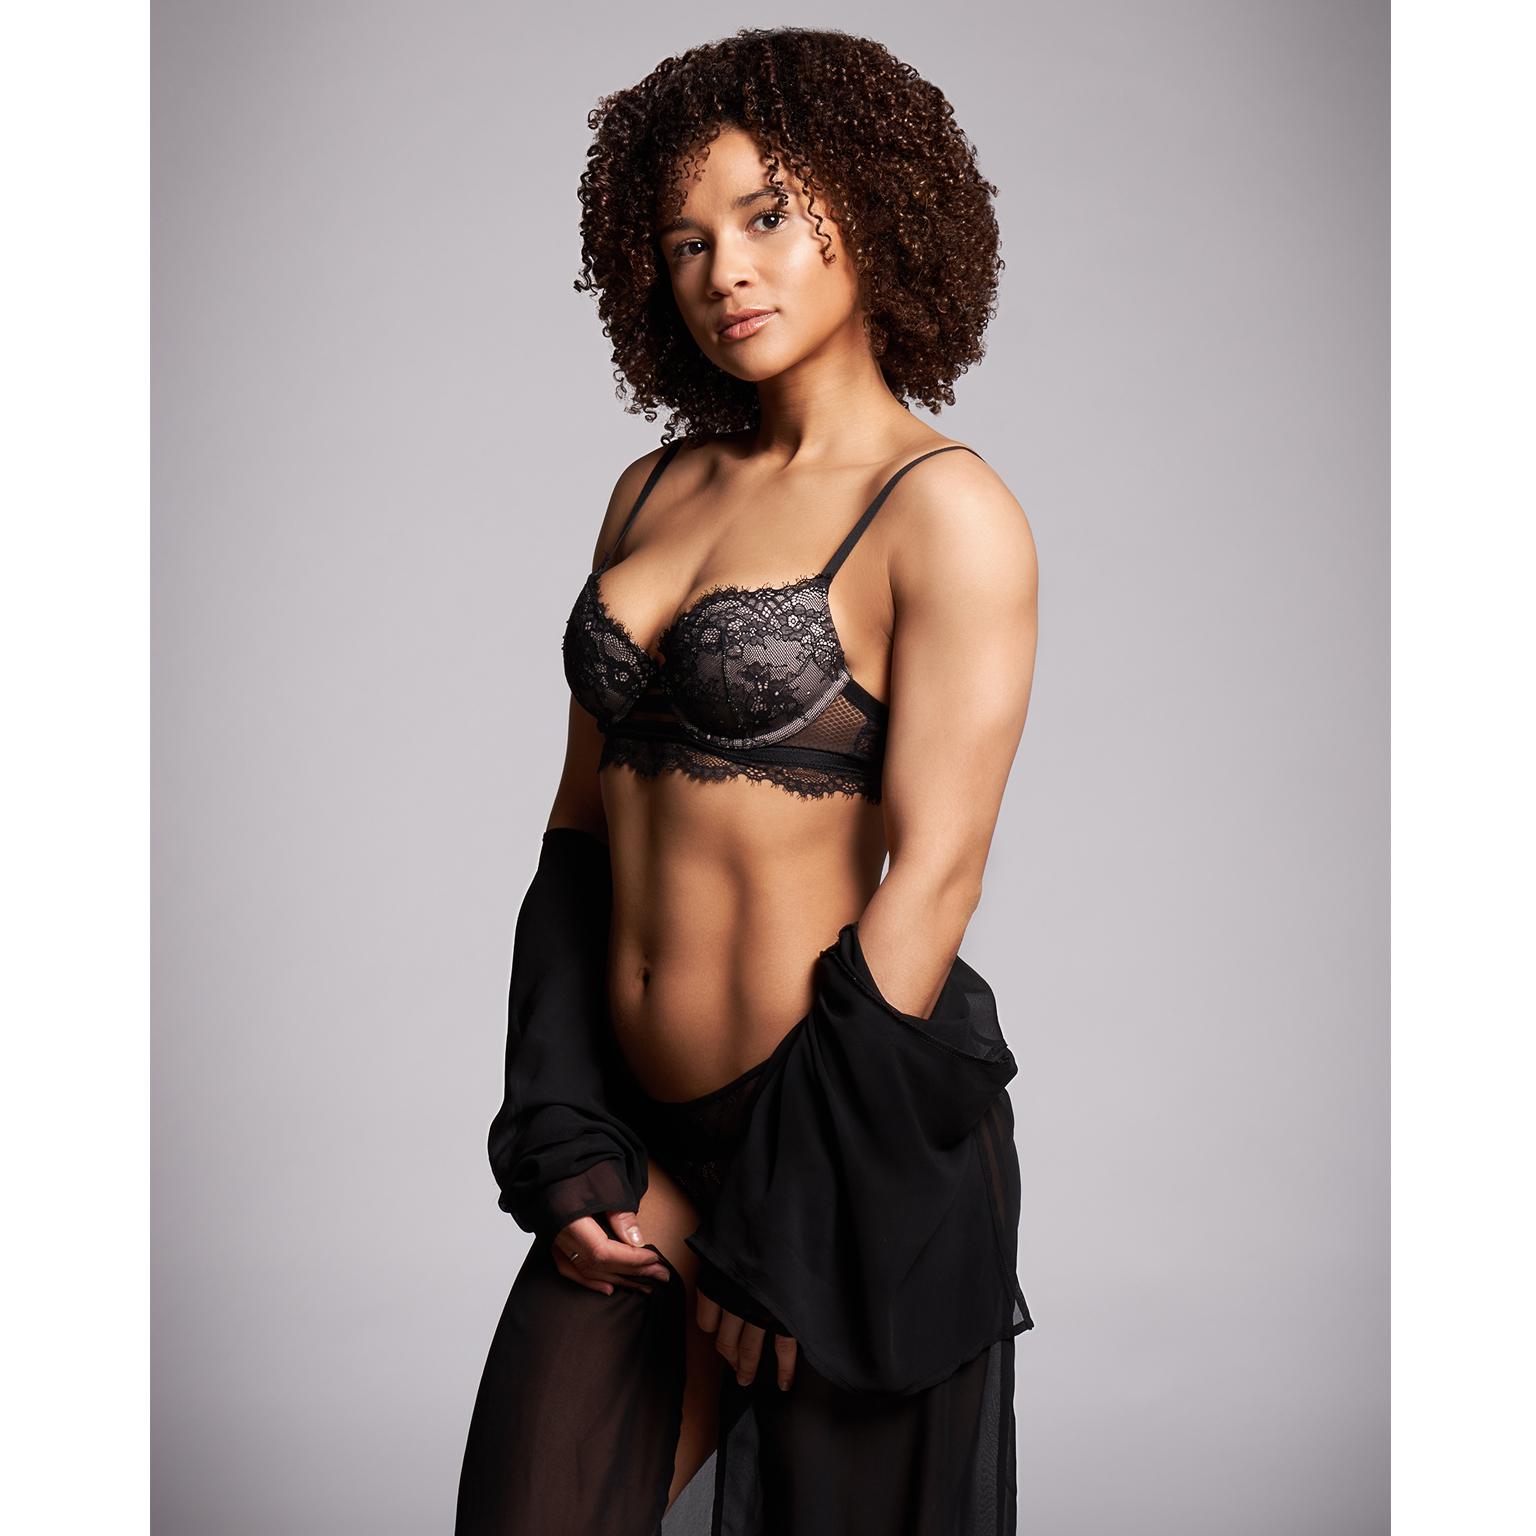 Toronto-Fitness-Model-Agency-Lingerie-Commercial-Olivia-Mbolekwa